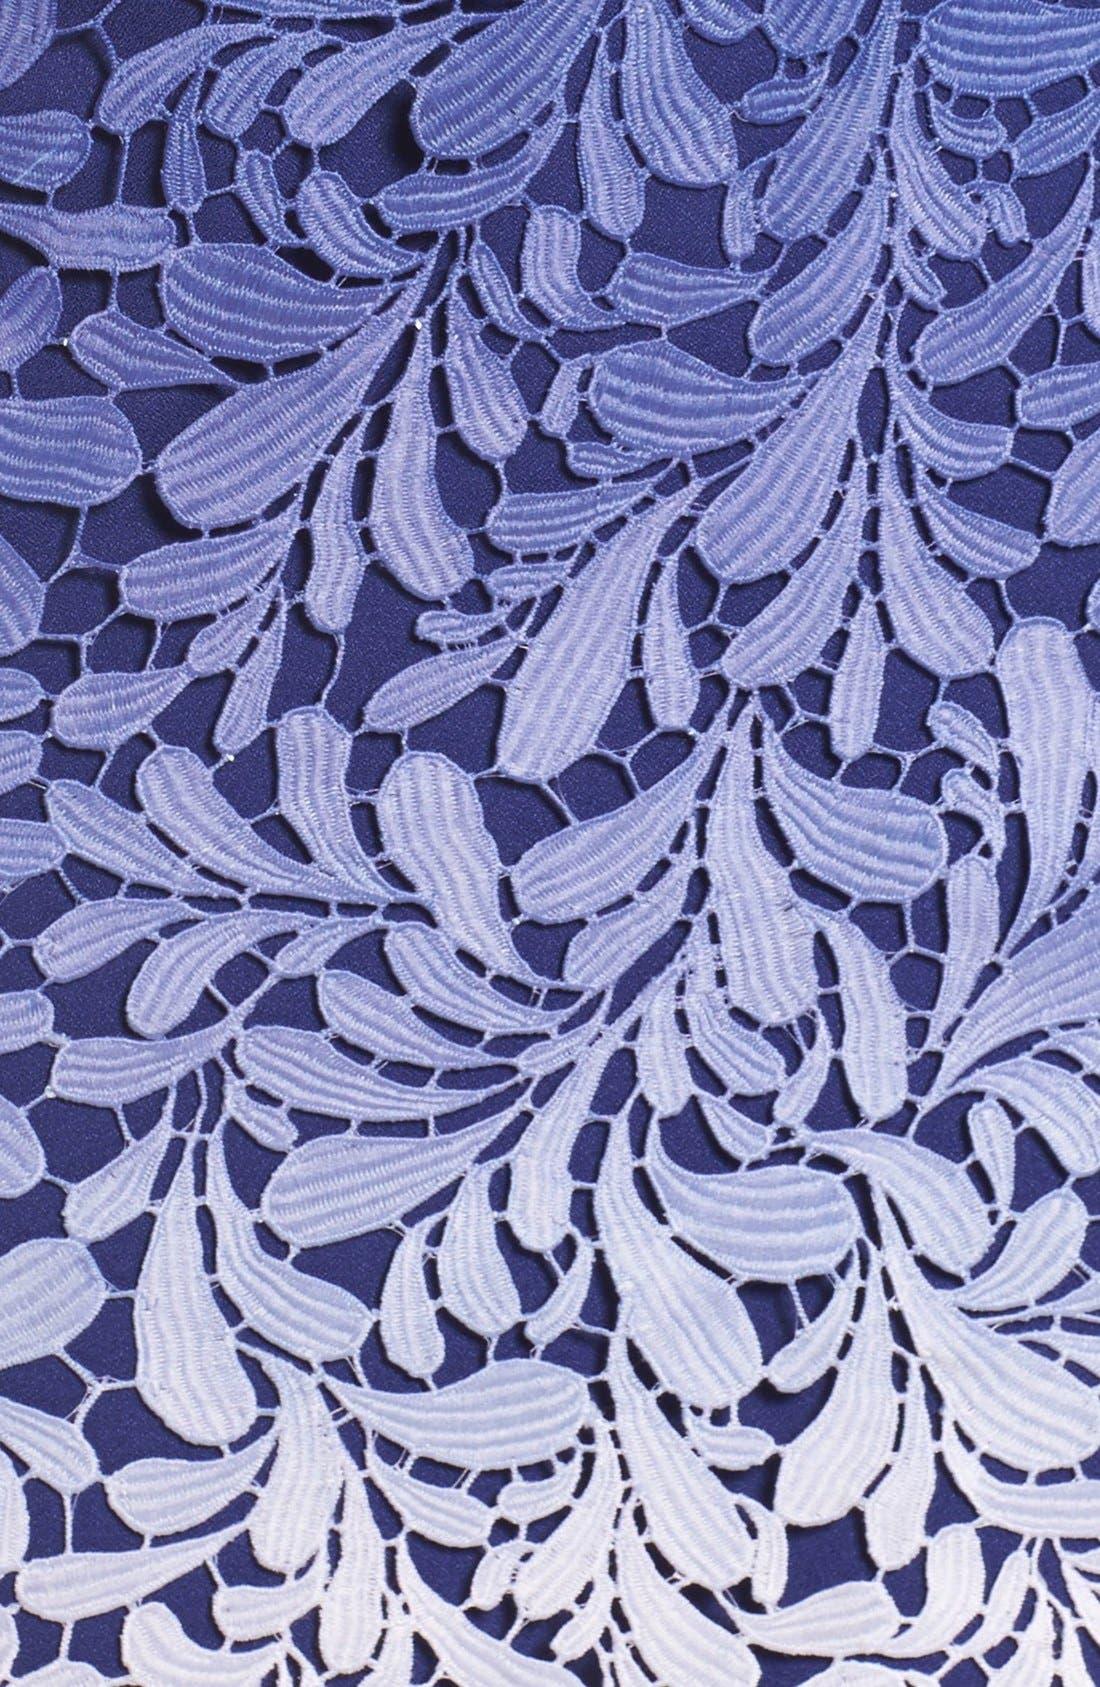 Ombré Lace Sheath Dress,                             Alternate thumbnail 5, color,                             400